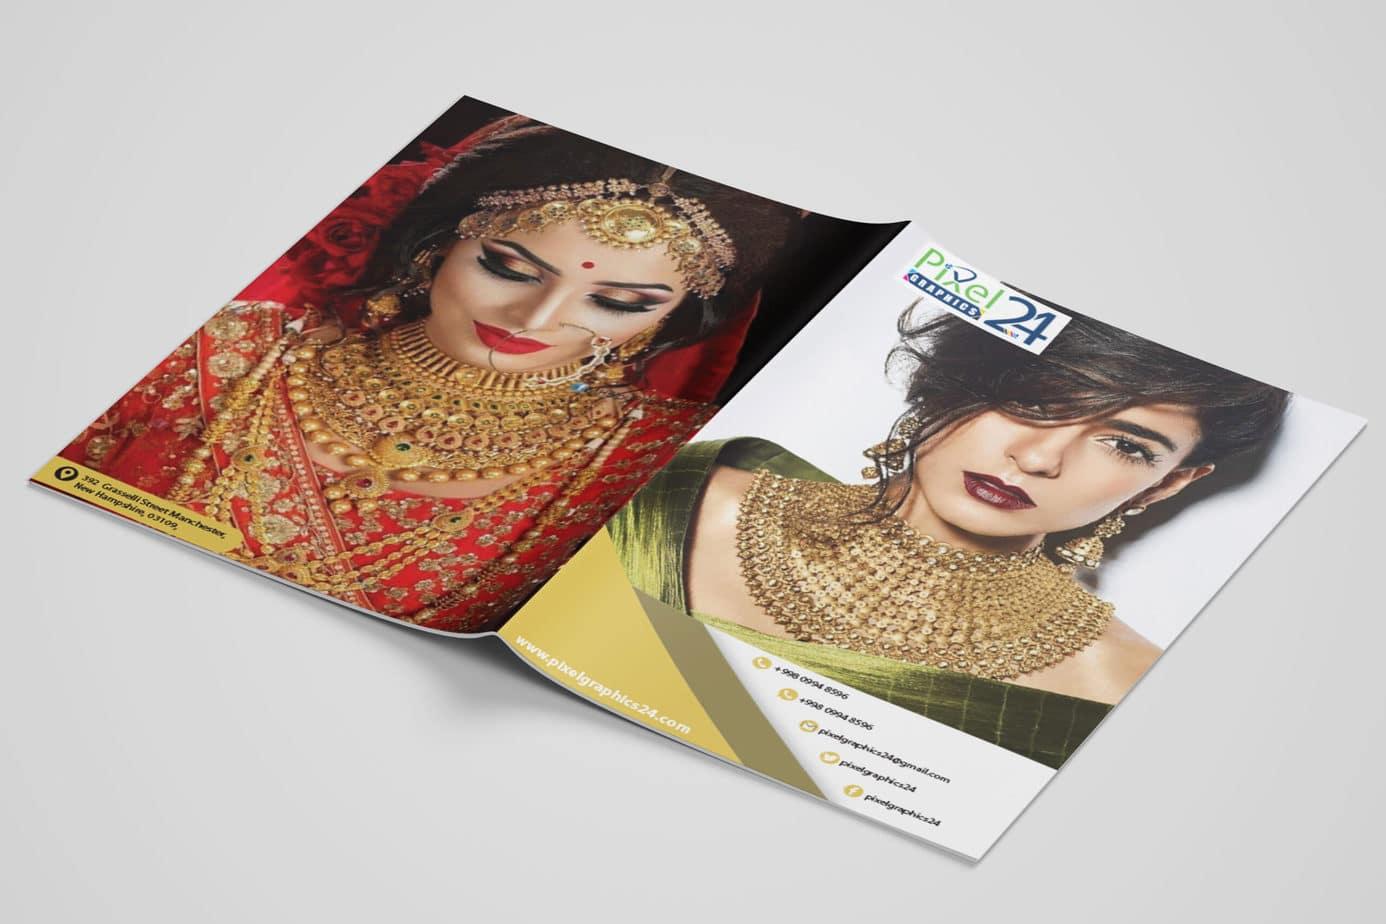 Catalog Design, Graphics Designing,graphic design services, graphic design online, IT Solution Park, illustration design, graphic design companies,